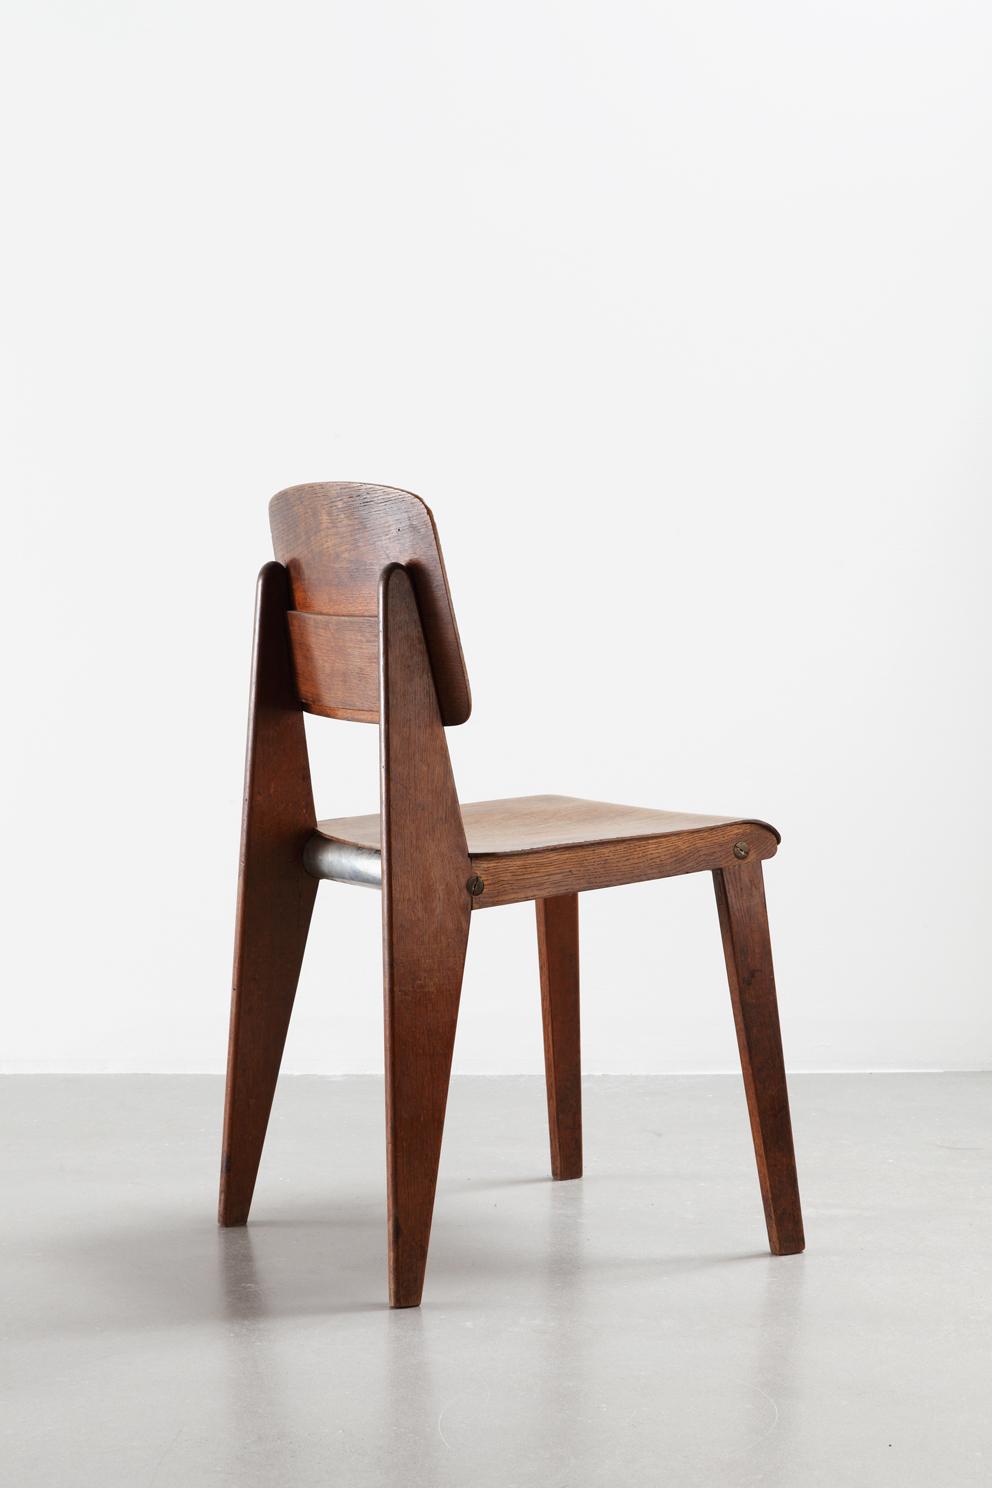 Jean Prouvé, Sedia smontabile in legno CB 22, 1947.